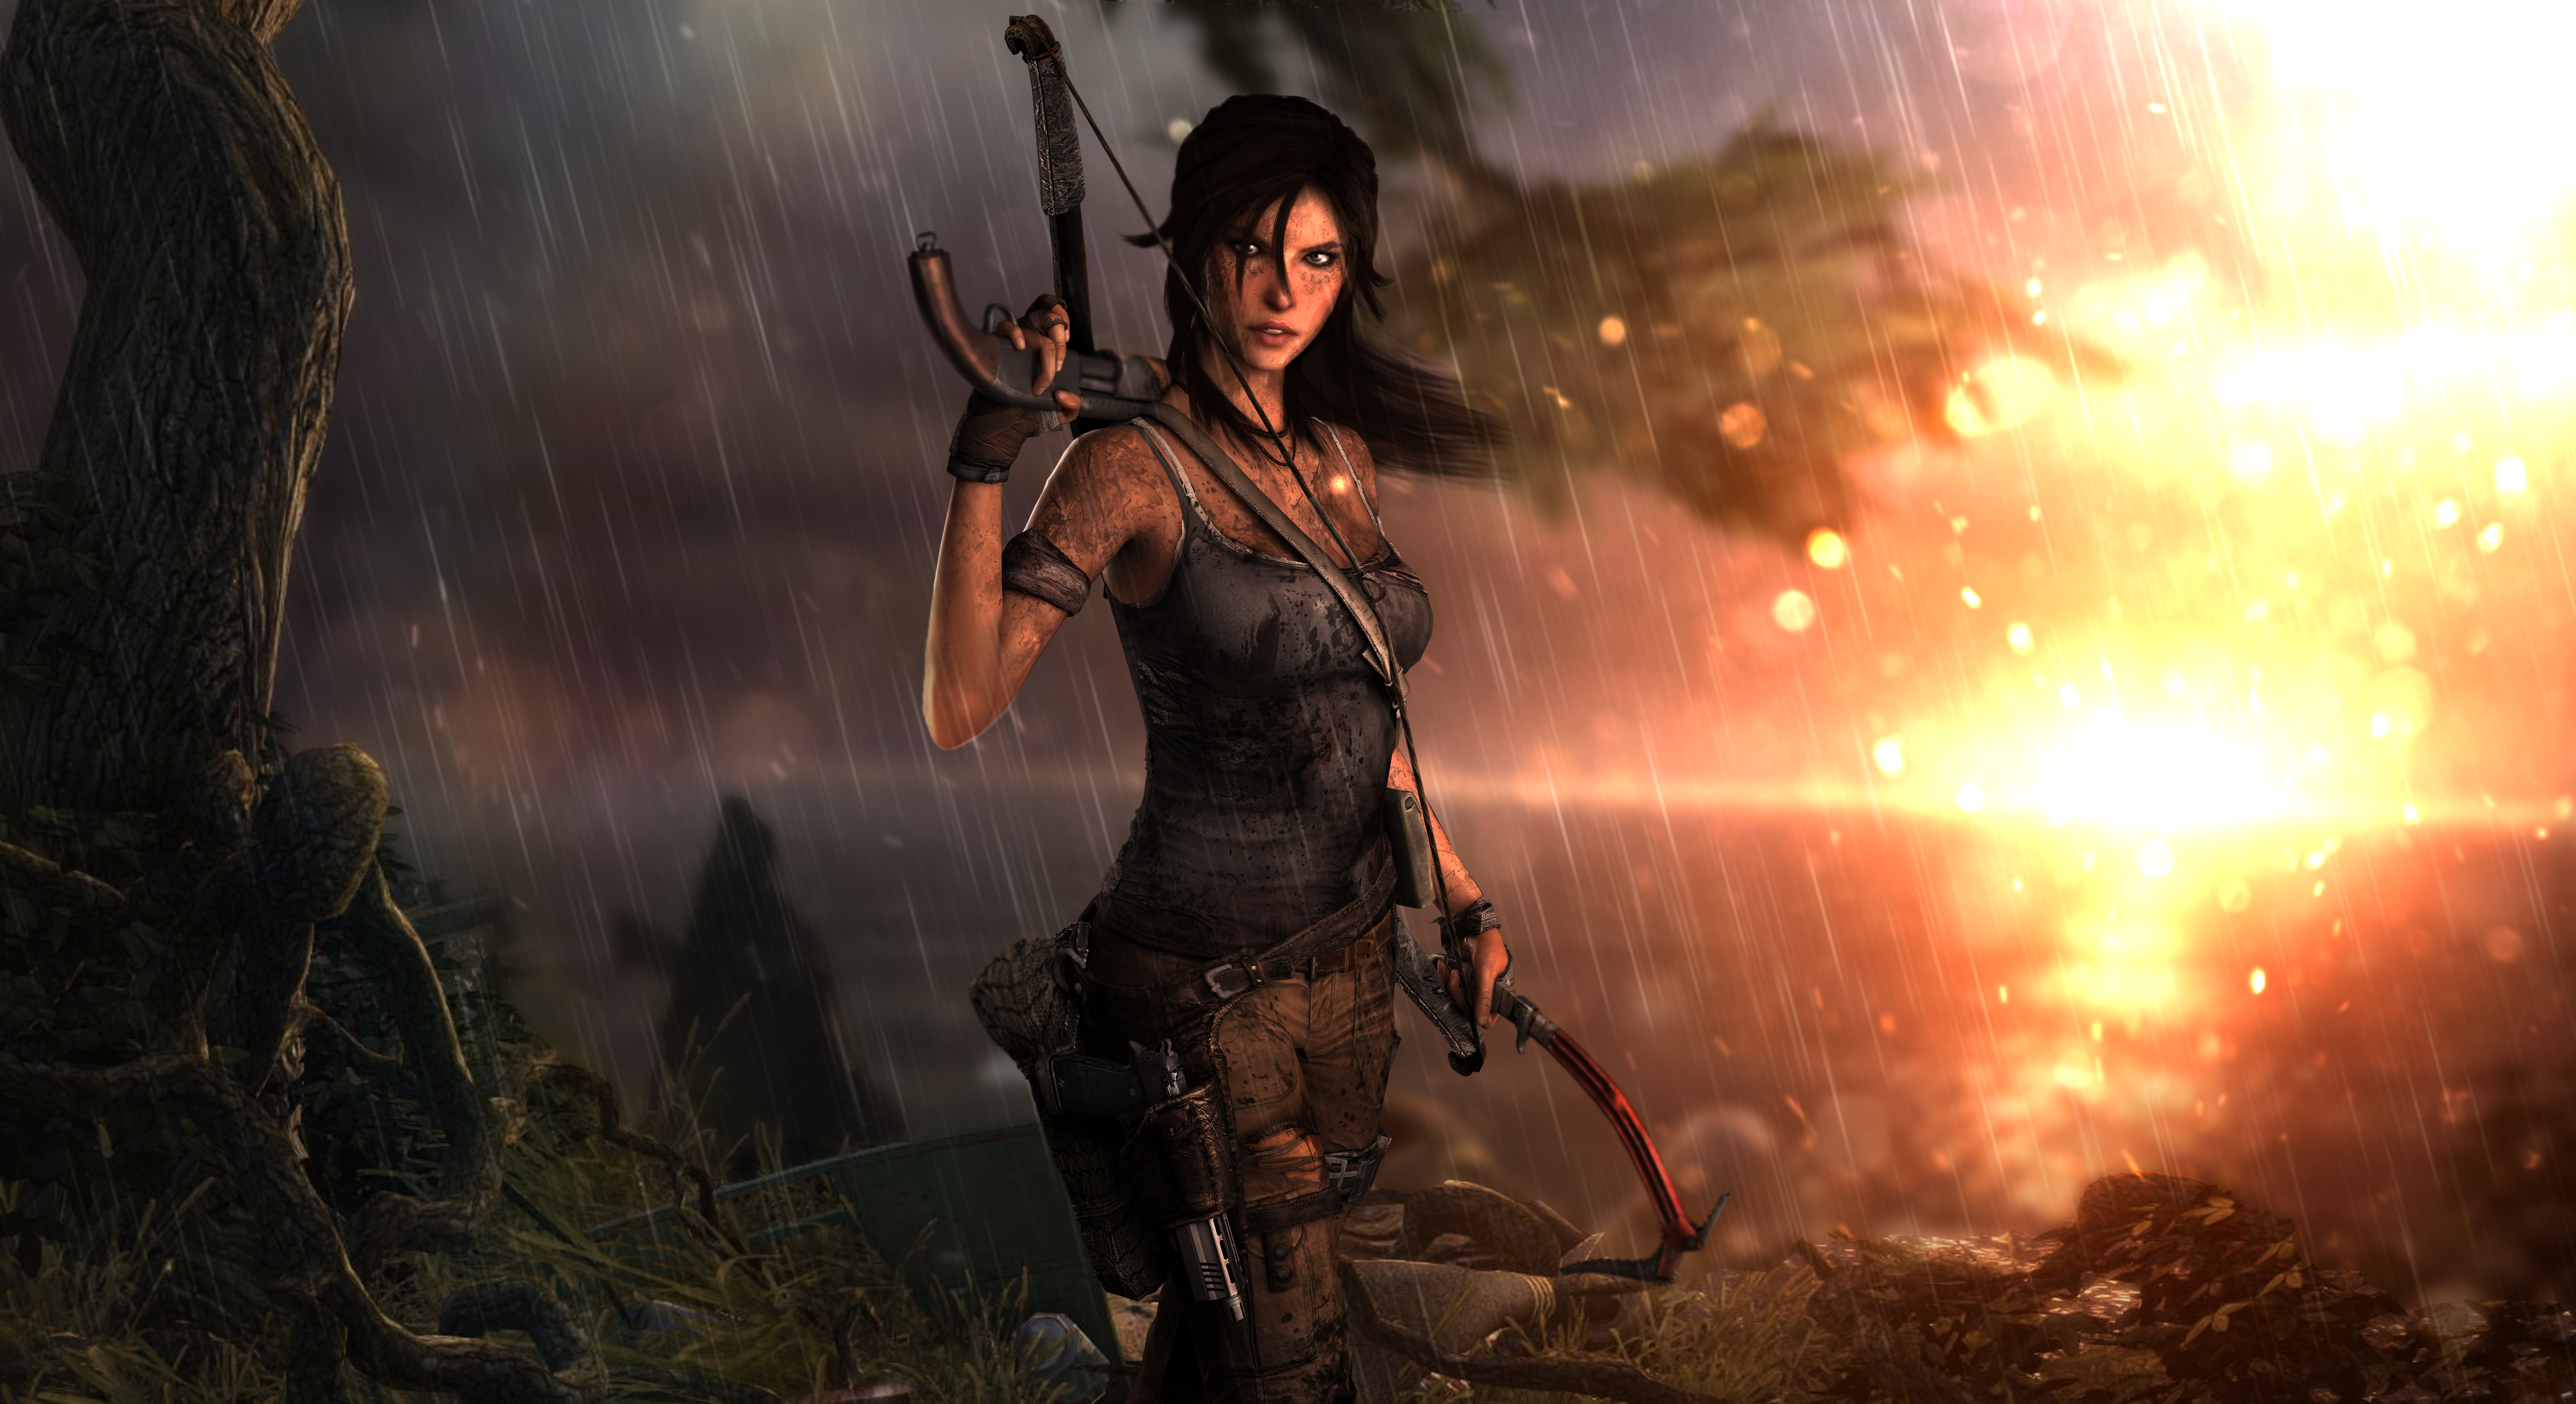 3840x2160 Lara Croft Tomb Raider Artwork 4k Hd 4k: 3840x2160 Tomb Raider Lara Croft 10k 4k HD 4k Wallpapers